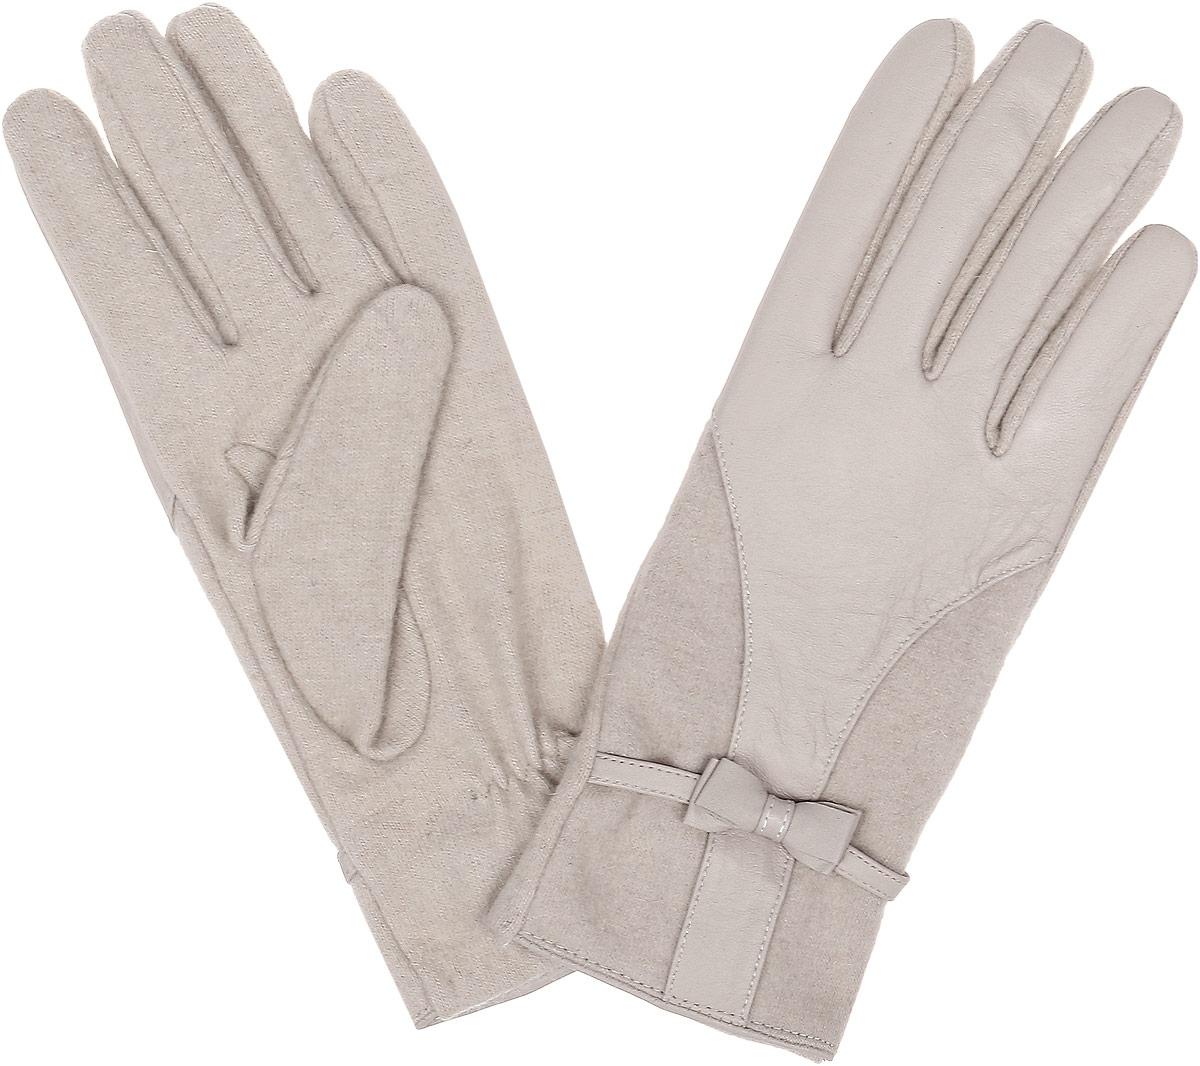 Перчатки женские Fabretti, цвет: бежевый. 38355. Размер M (6,5/7)3.1-5 beigeСтильные женские перчатки Fabretti не только защитят ваши руки, но и станут великолепным украшением. Перчатки выполнены из натуральной кожи ягненка и высококачественной шерсти.Модель дополнена декоративным бантиком. Перчатки имеют строчки-стежки на запястье, которые придают большее удобство при носке.Стильный аксессуар для повседневного образа.